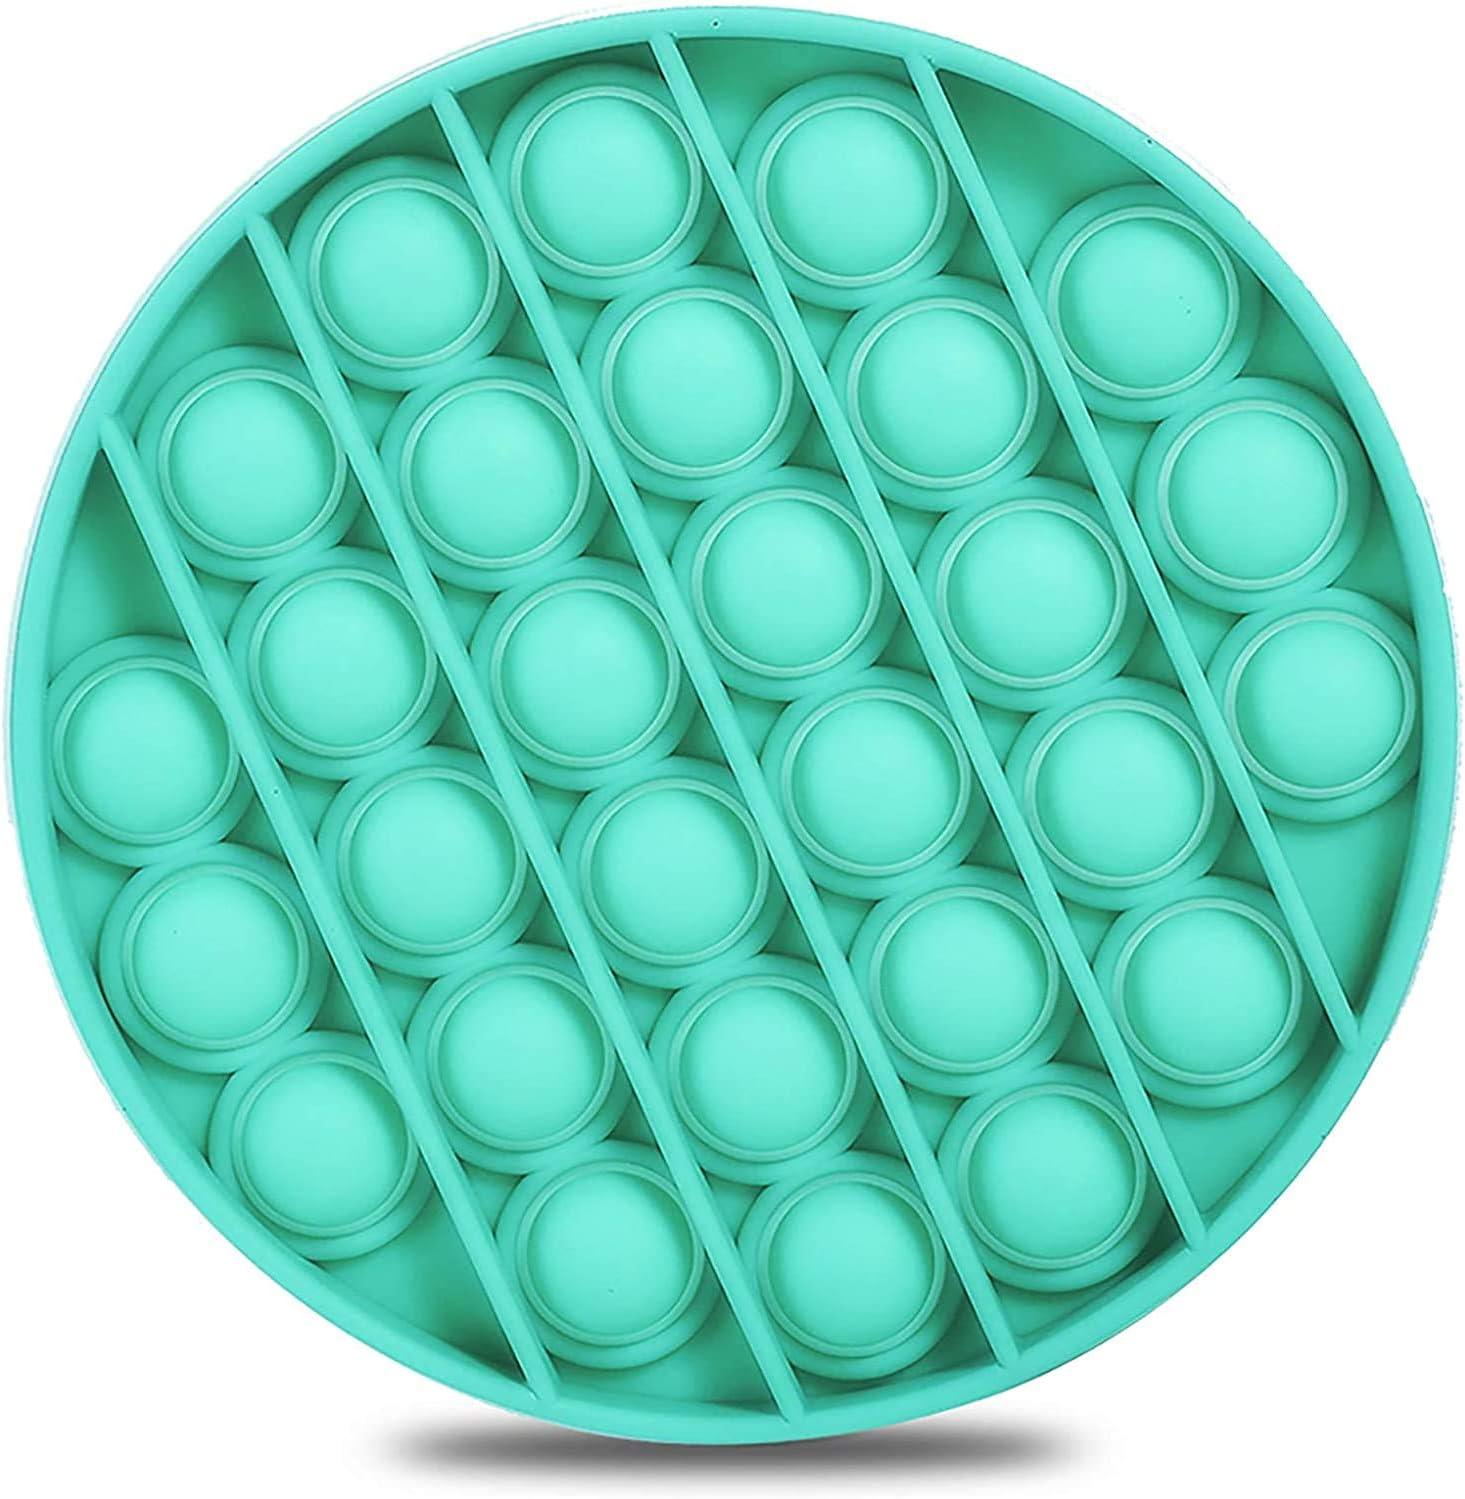 Hanbee Silicona Sensorial Fidget Juguete, Push Pop Bubble Sensory Toy, Autismo Necesidades Especiales Aliviador del Antiestrés del Juguetes para Niños Adultos Relajarse(Verde)